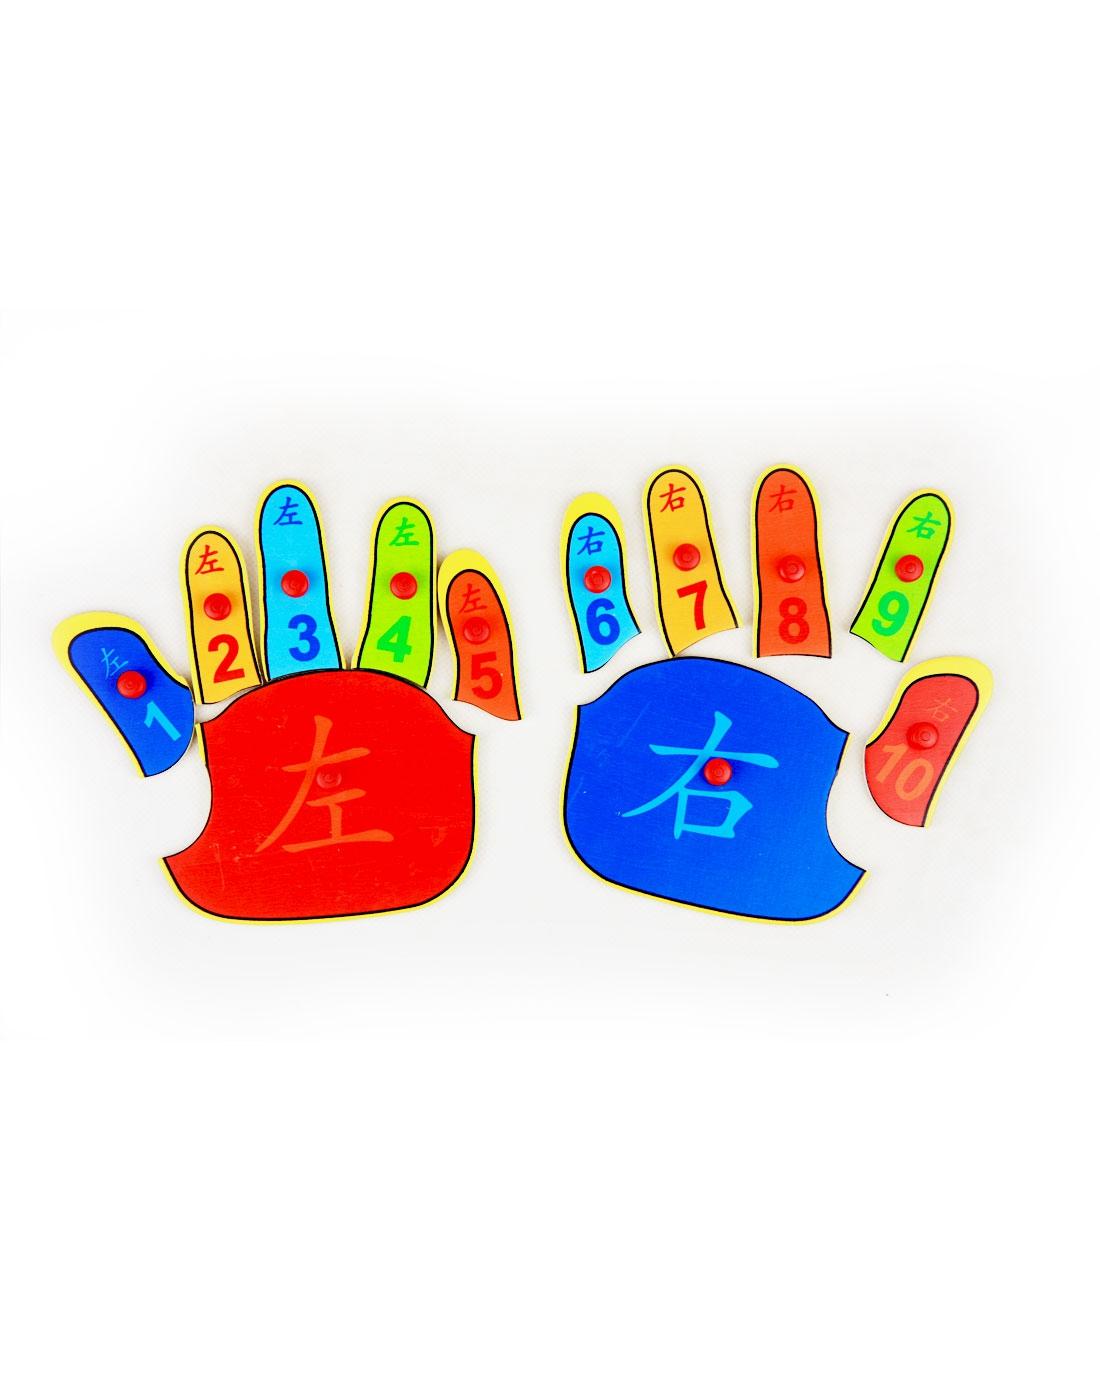 海绵宝宝等益智玩具特宝儿 左右手主题数字认知拼版e6